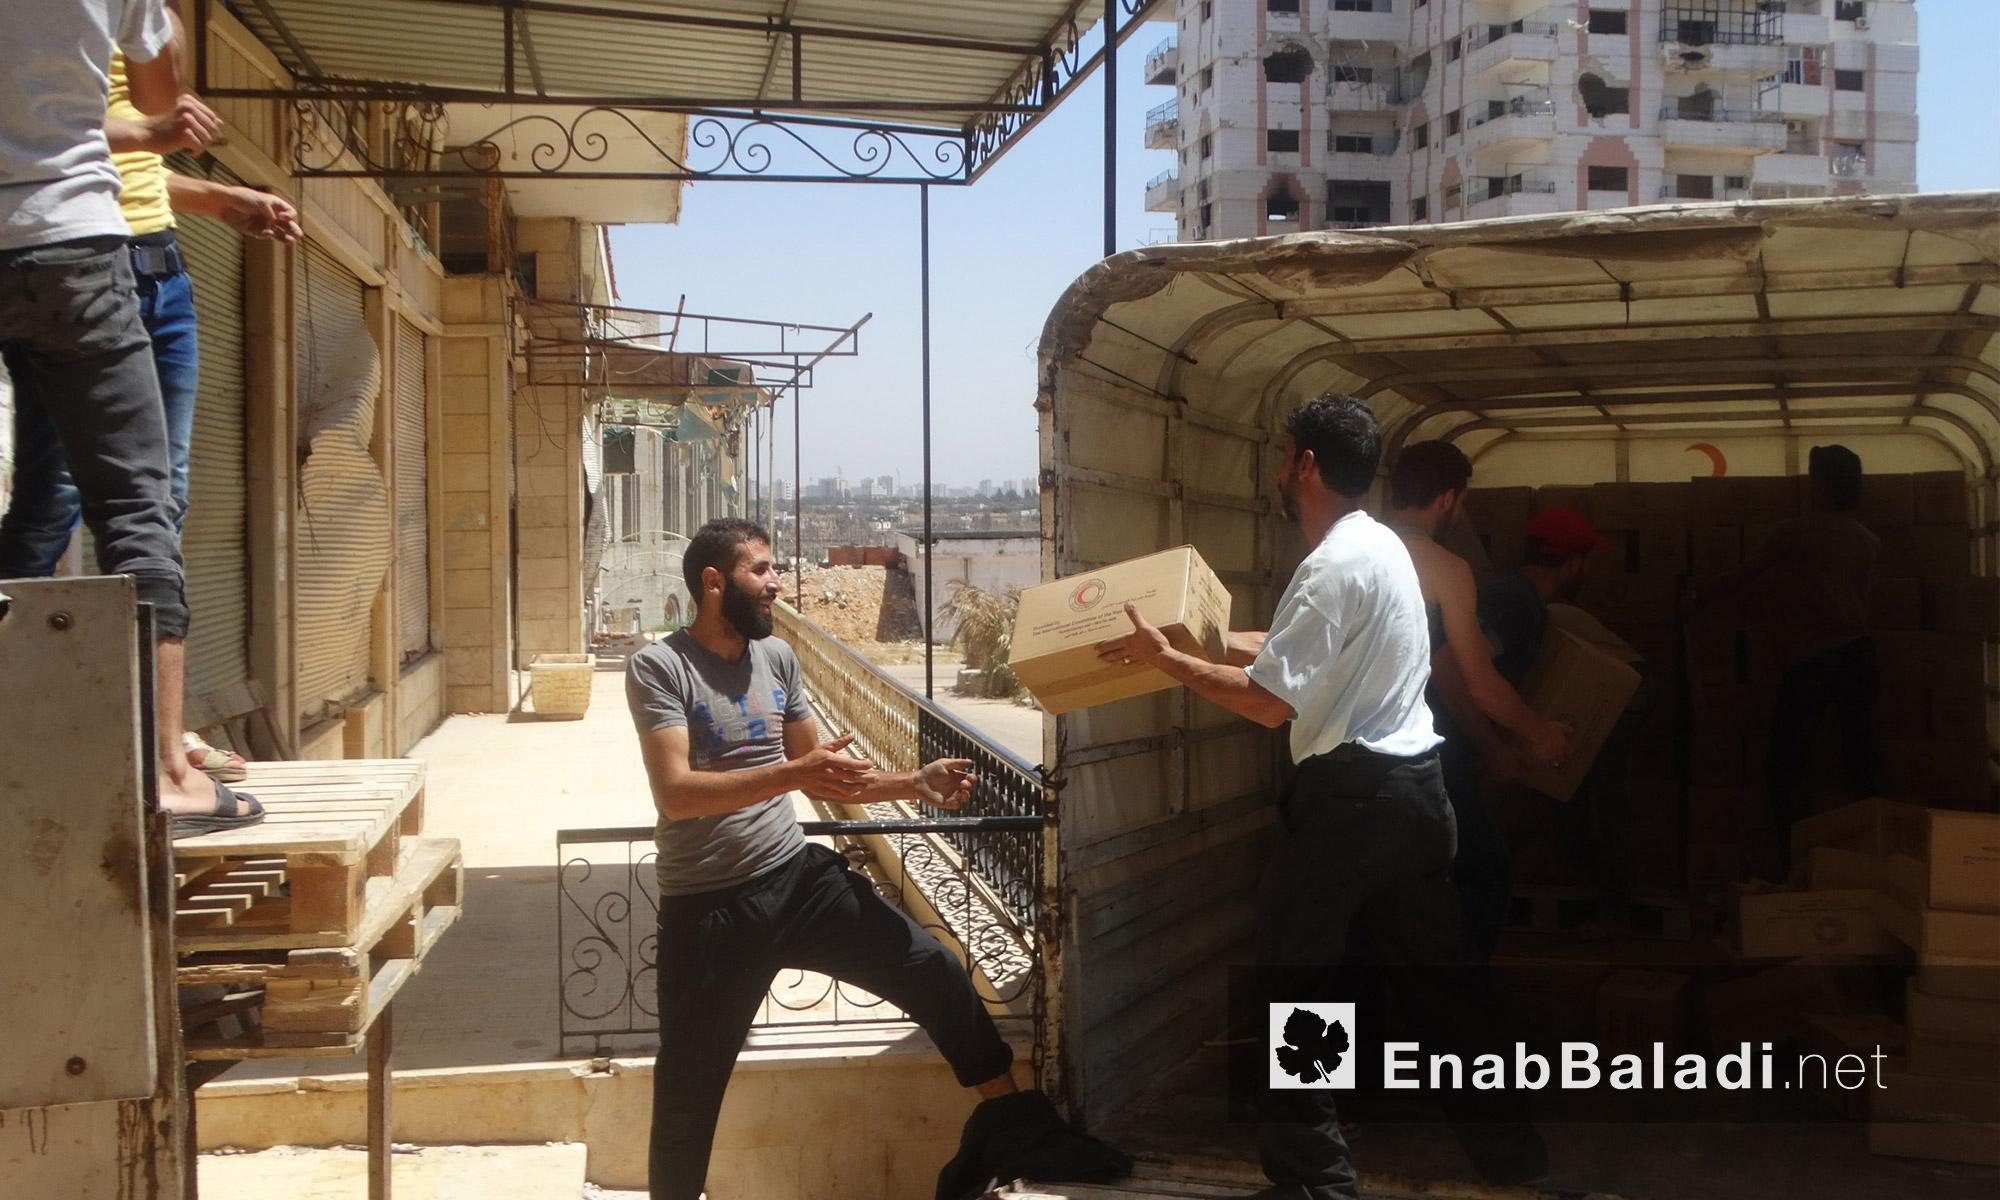 مساعدات غذائية تدخل حي الوعر في حمص - الاثنين 18 تموز (عنب بلدي)